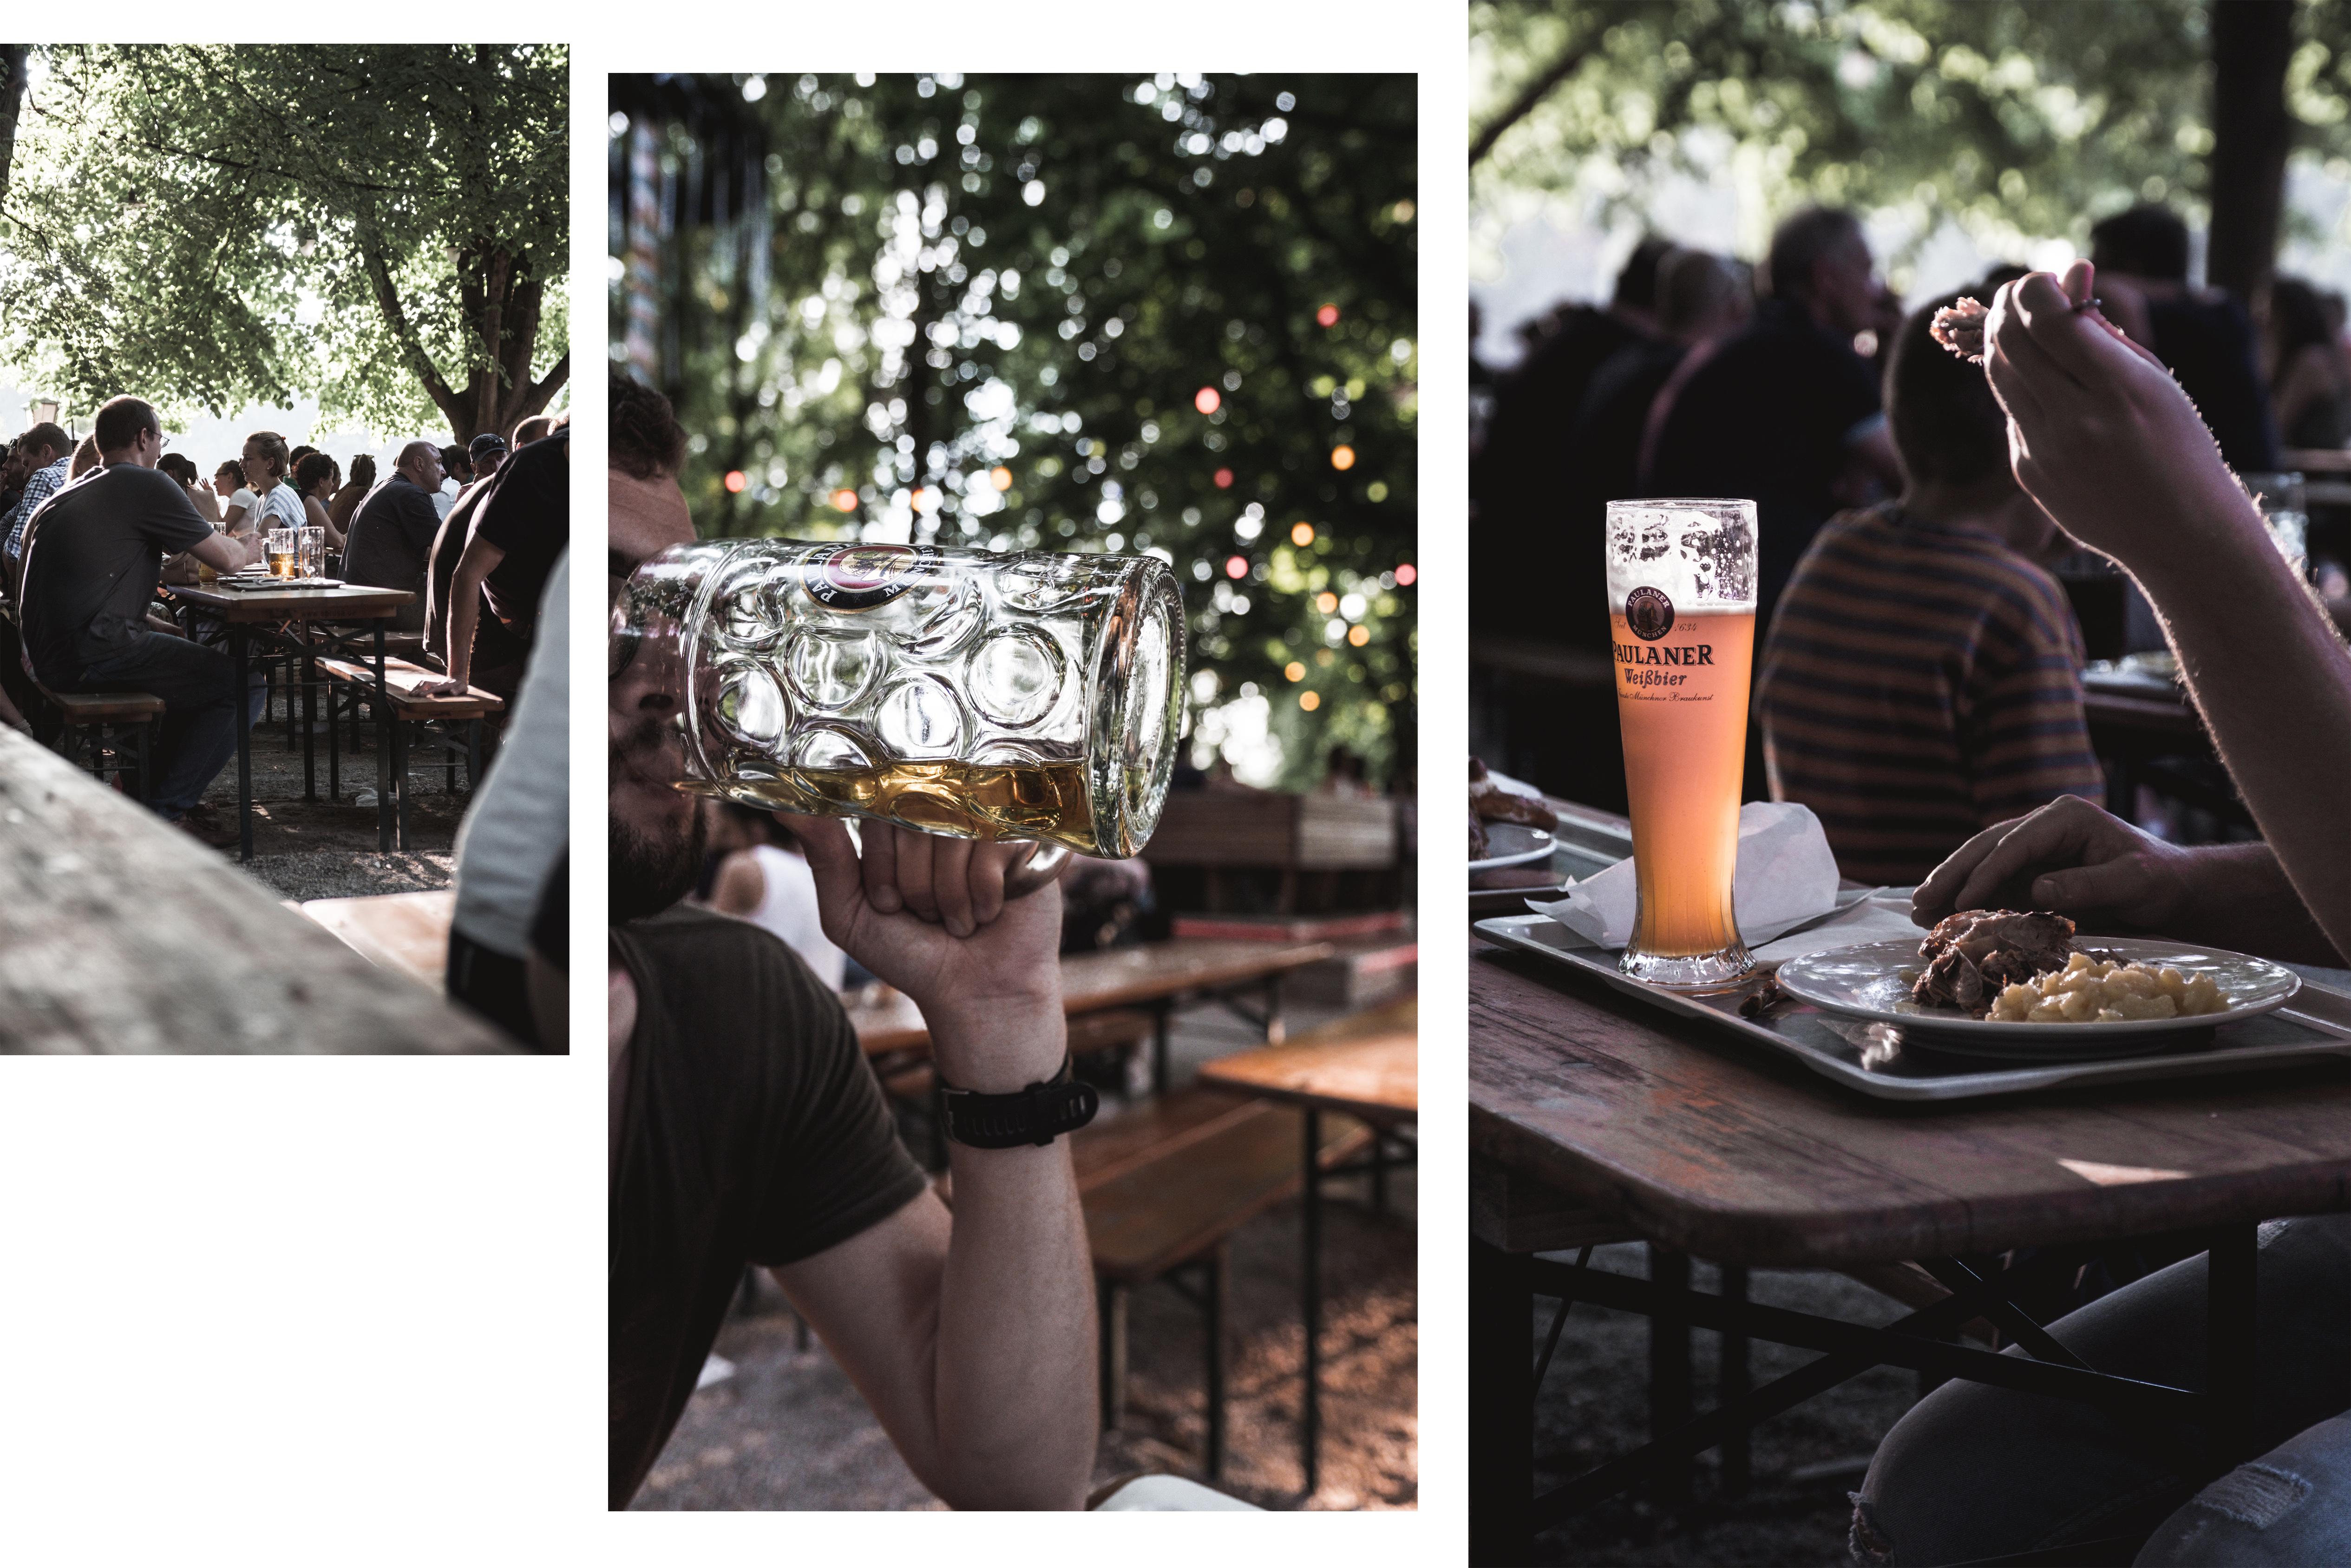 Munich-Biergarten-Seehaus-2-lemonetorange-baviere-allemagne-city guide